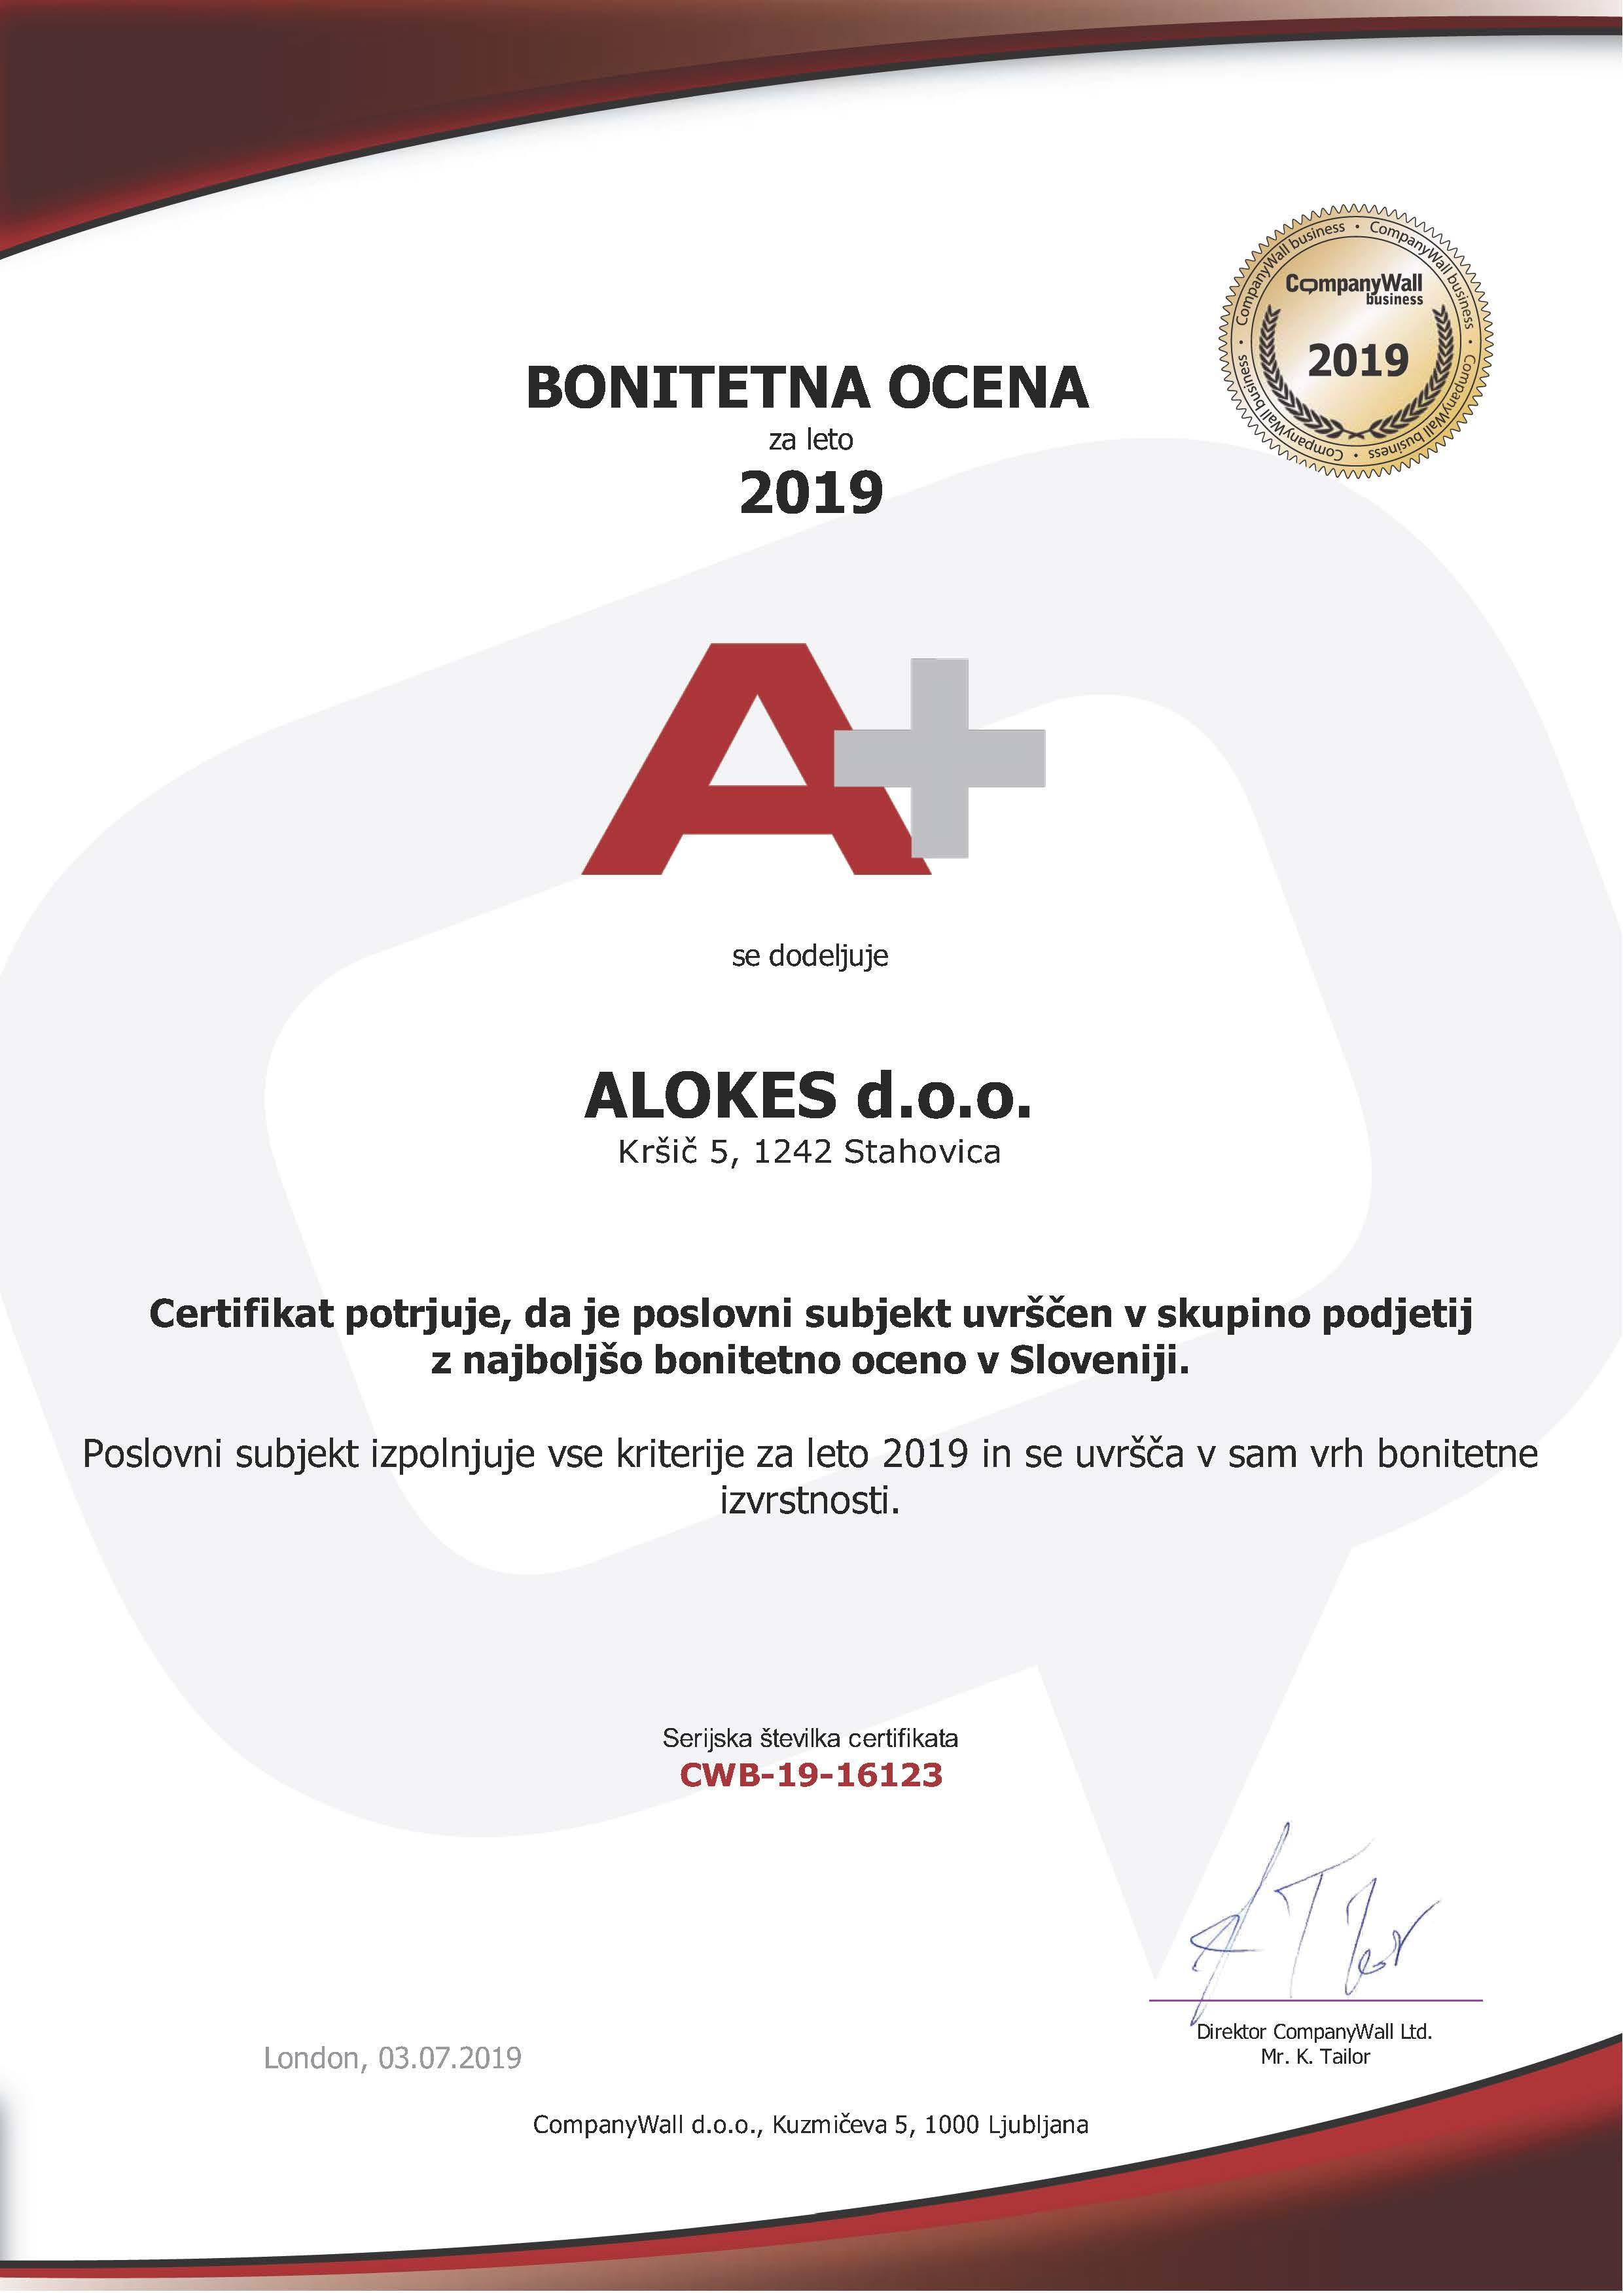 ALOKES d.o.o.